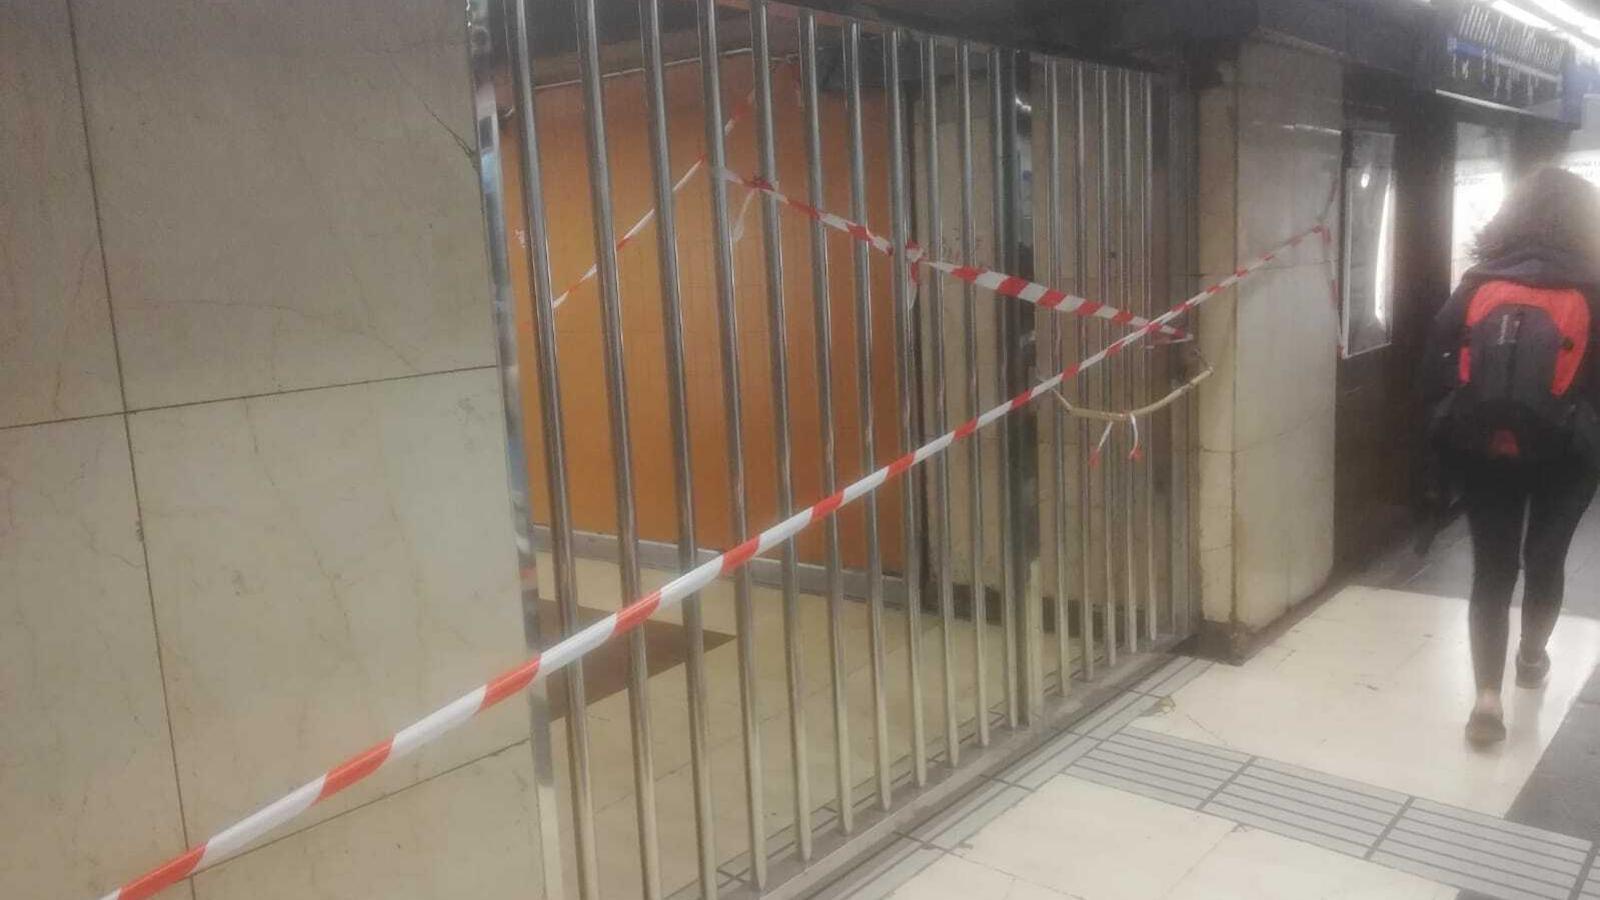 Els Mossos restringeixen l'accés a l'estació de Sants i l'aeroport del Prat davant la imminent sentència de l'1-O